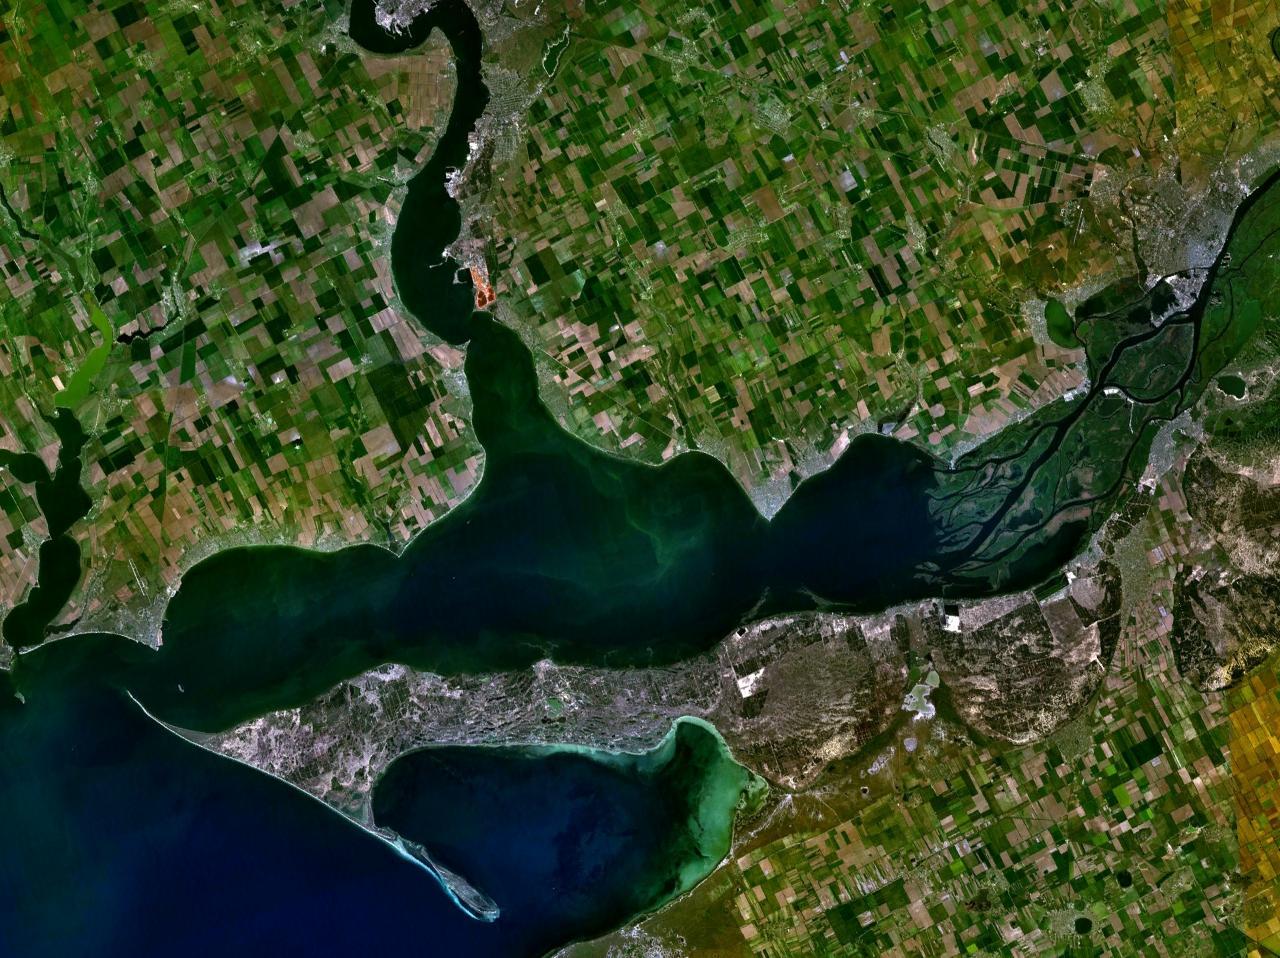 Rusija poslala oštro upozorenje SAD-u: 'Ne šaljite ratne brodove blizu Krima - za vaše dobro' - Page 2 Dnieper_32.03650E_46.60888N